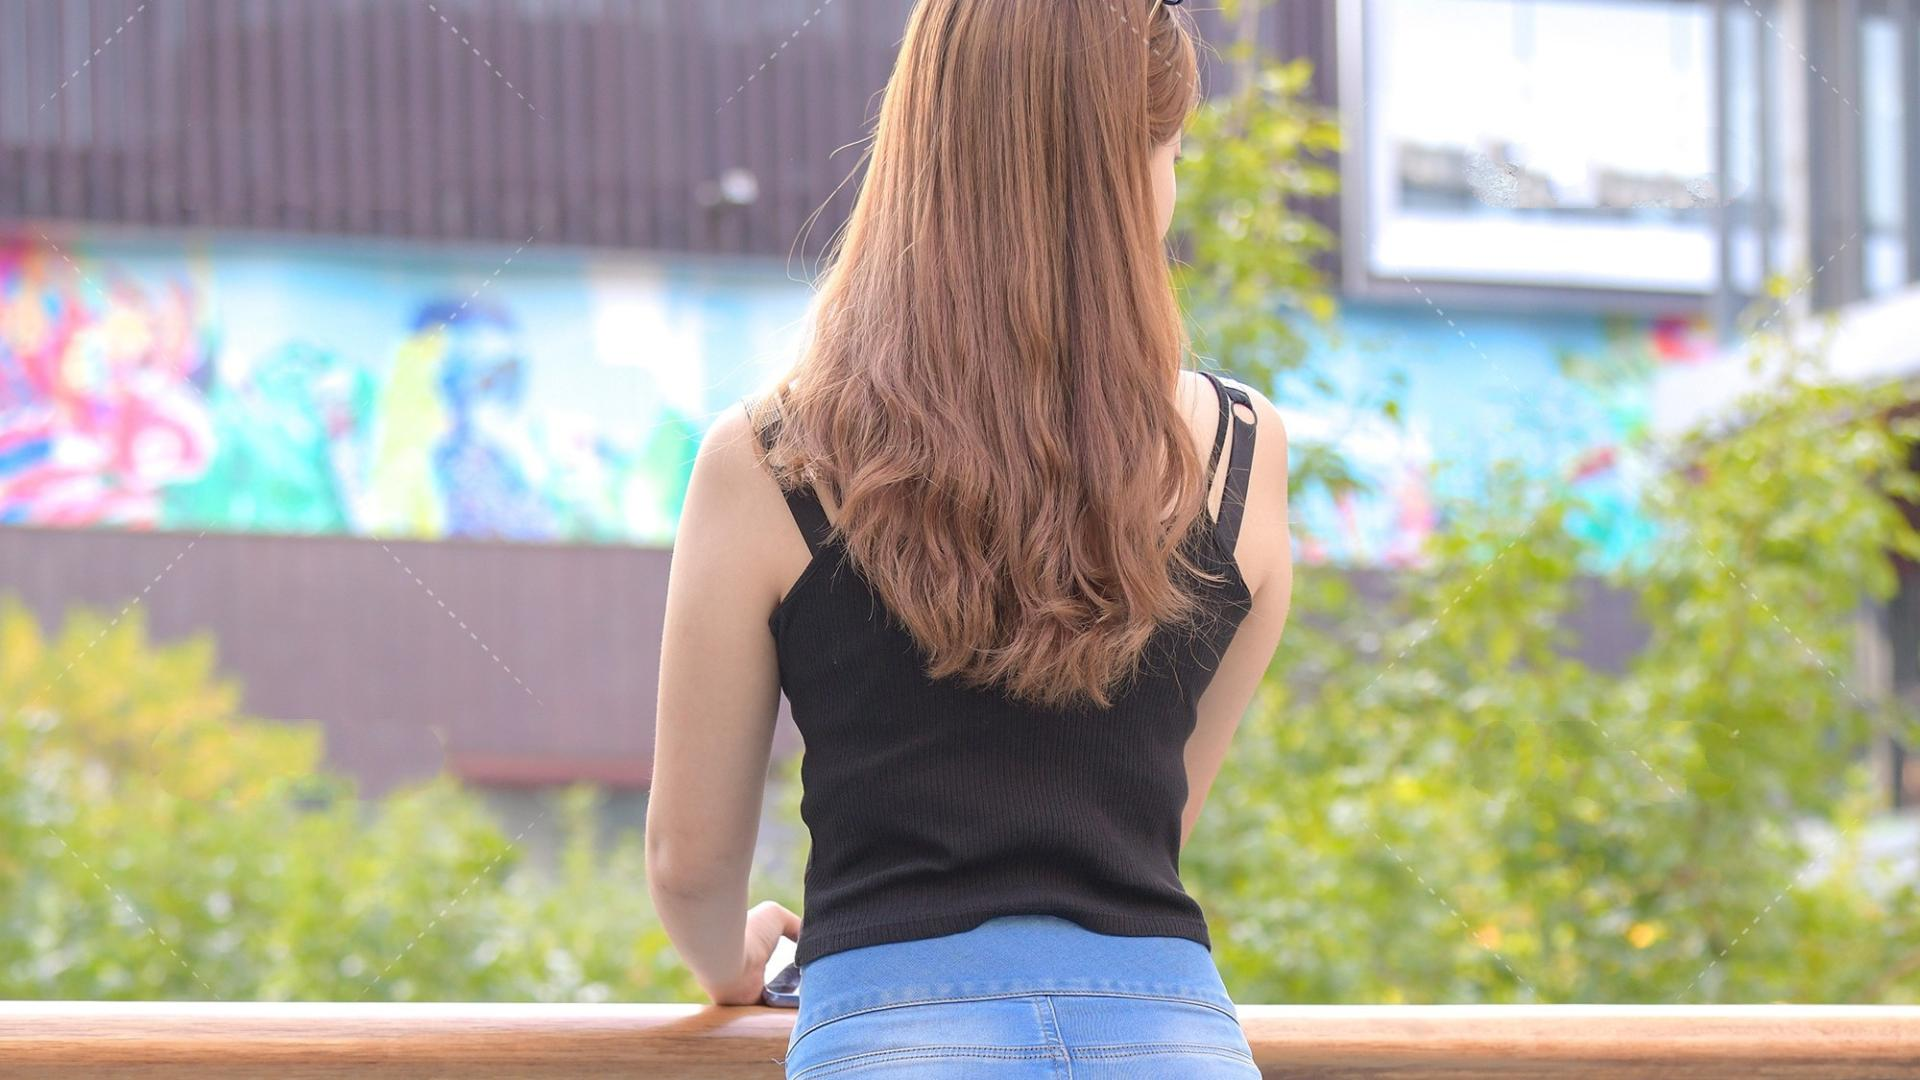 微胖女孩夏日穿搭,短吊带搭配马丁靴,舒适又美观